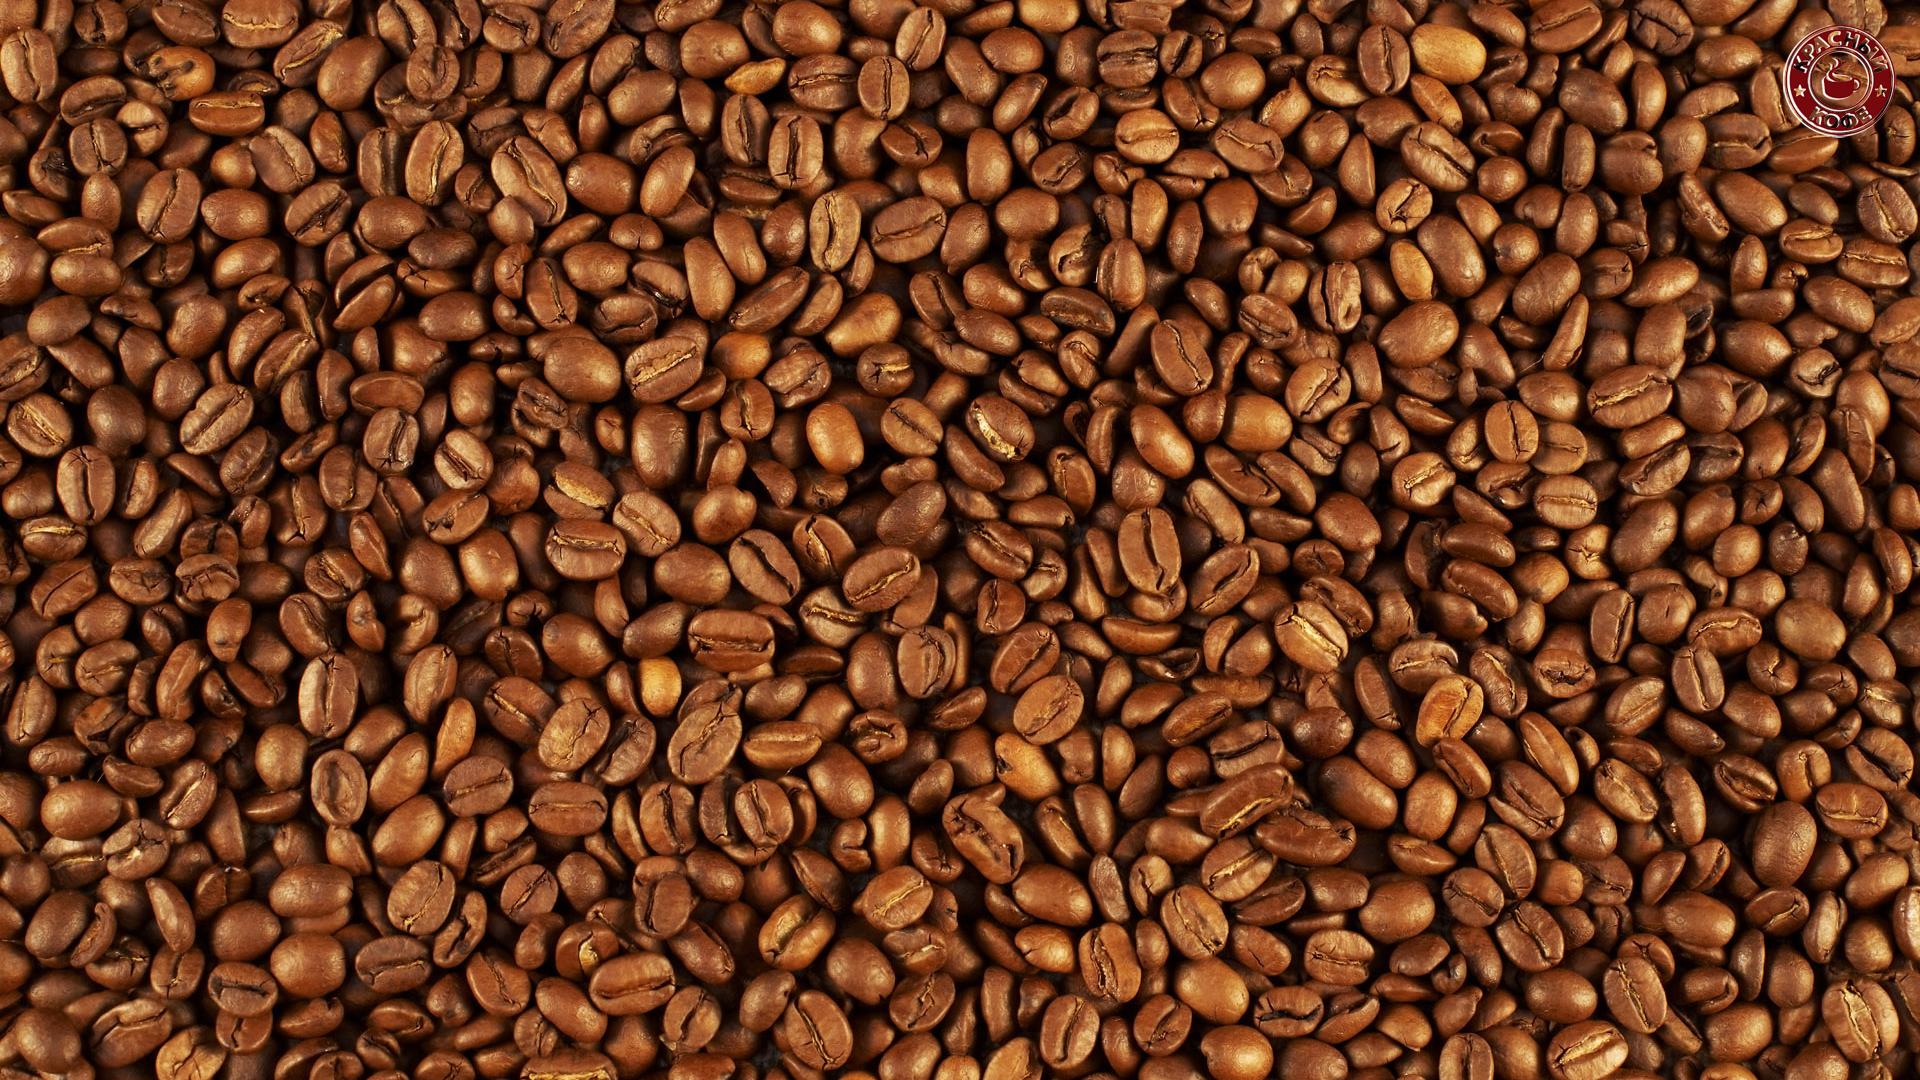 кофе, кофейные зерна, скачать фото, обои для рабочего стола